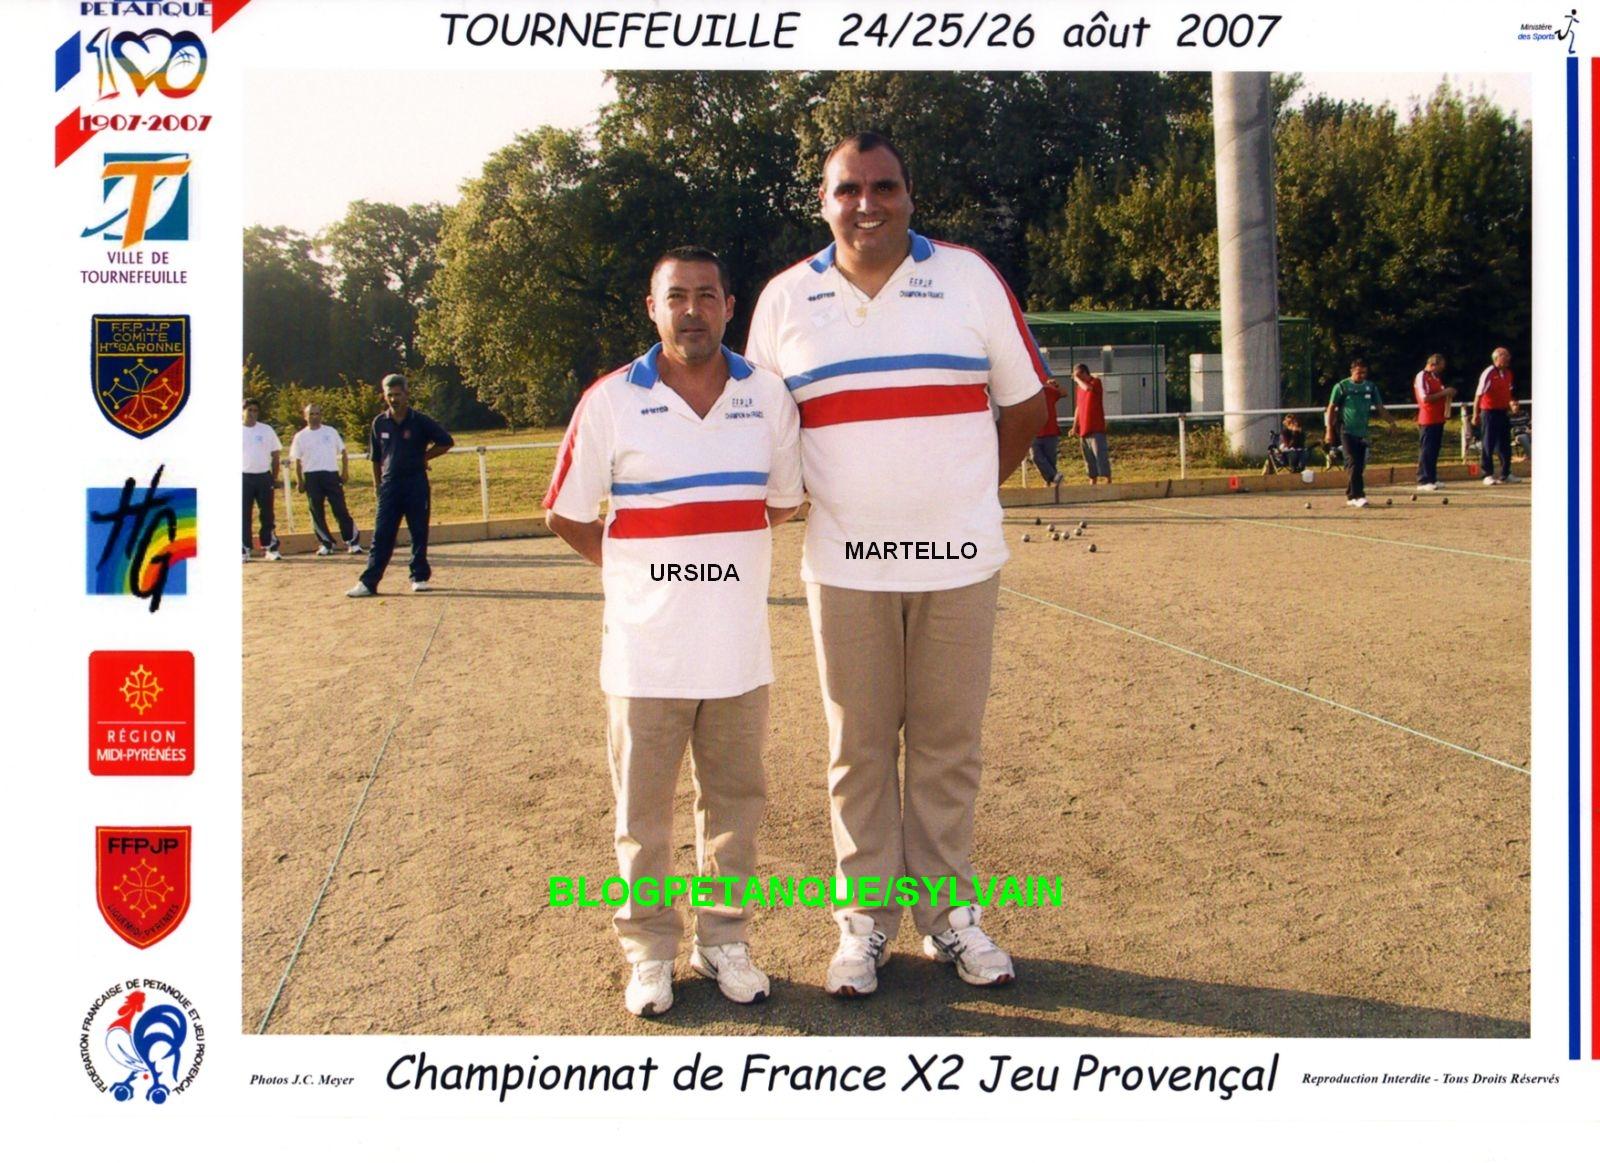 Les champions de France doublettes 2006 qualifiés d'office